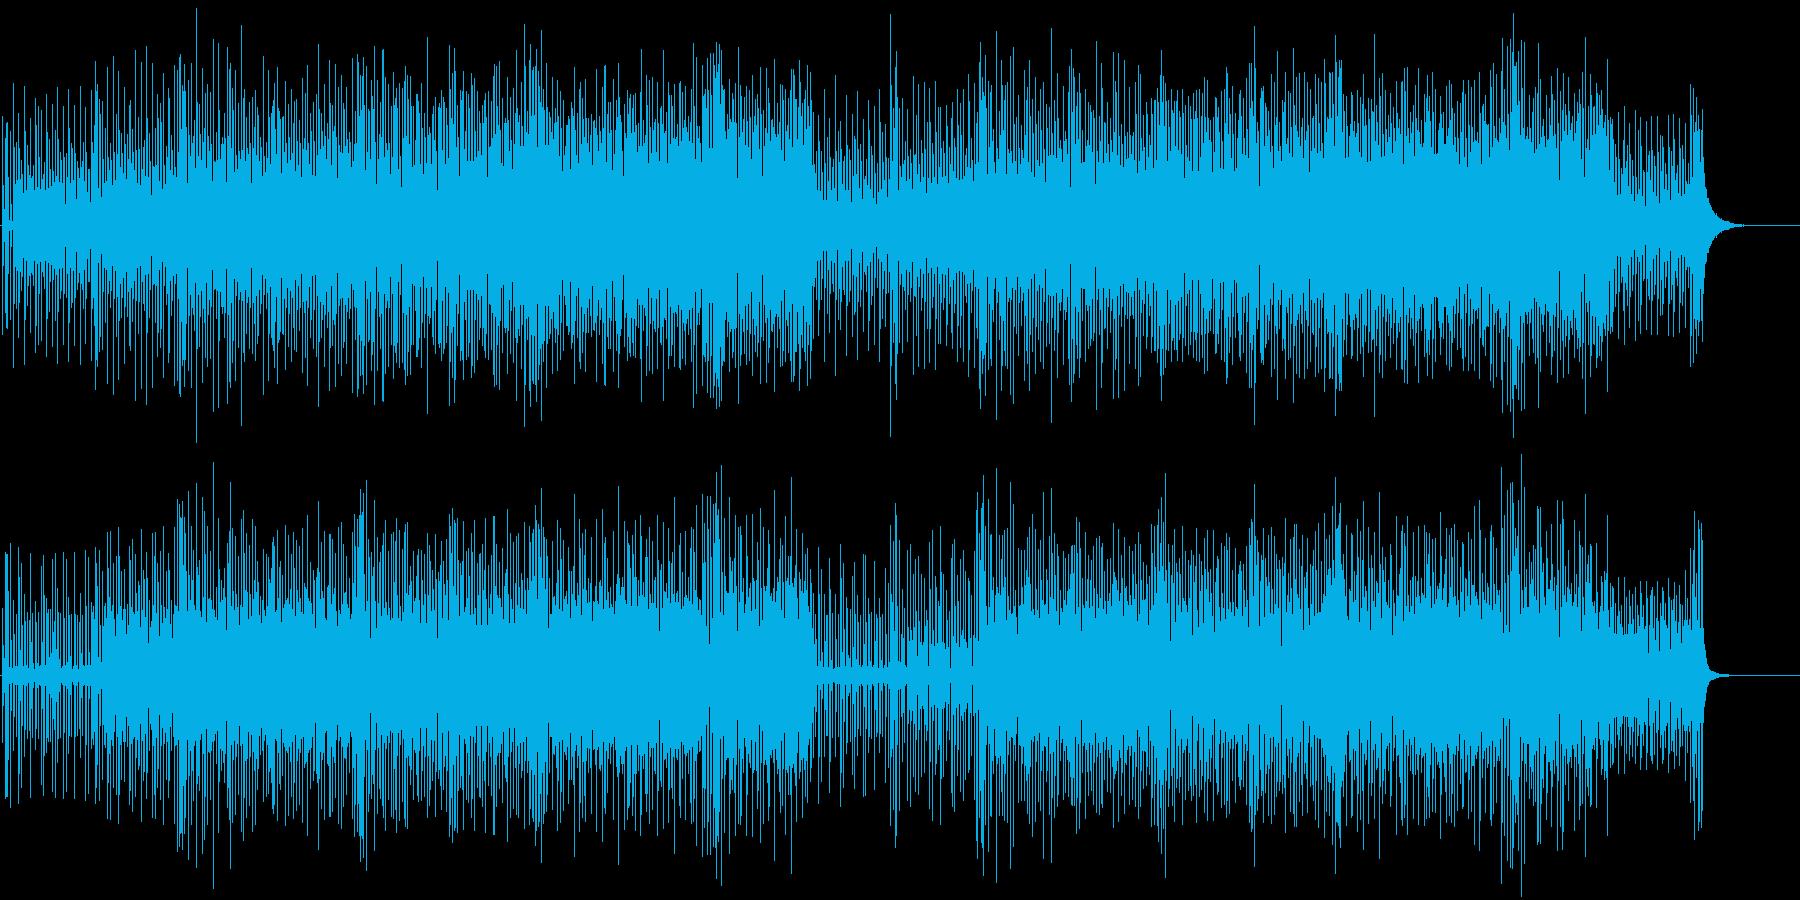 コミカル ペット にぎやか おちゃらけの再生済みの波形